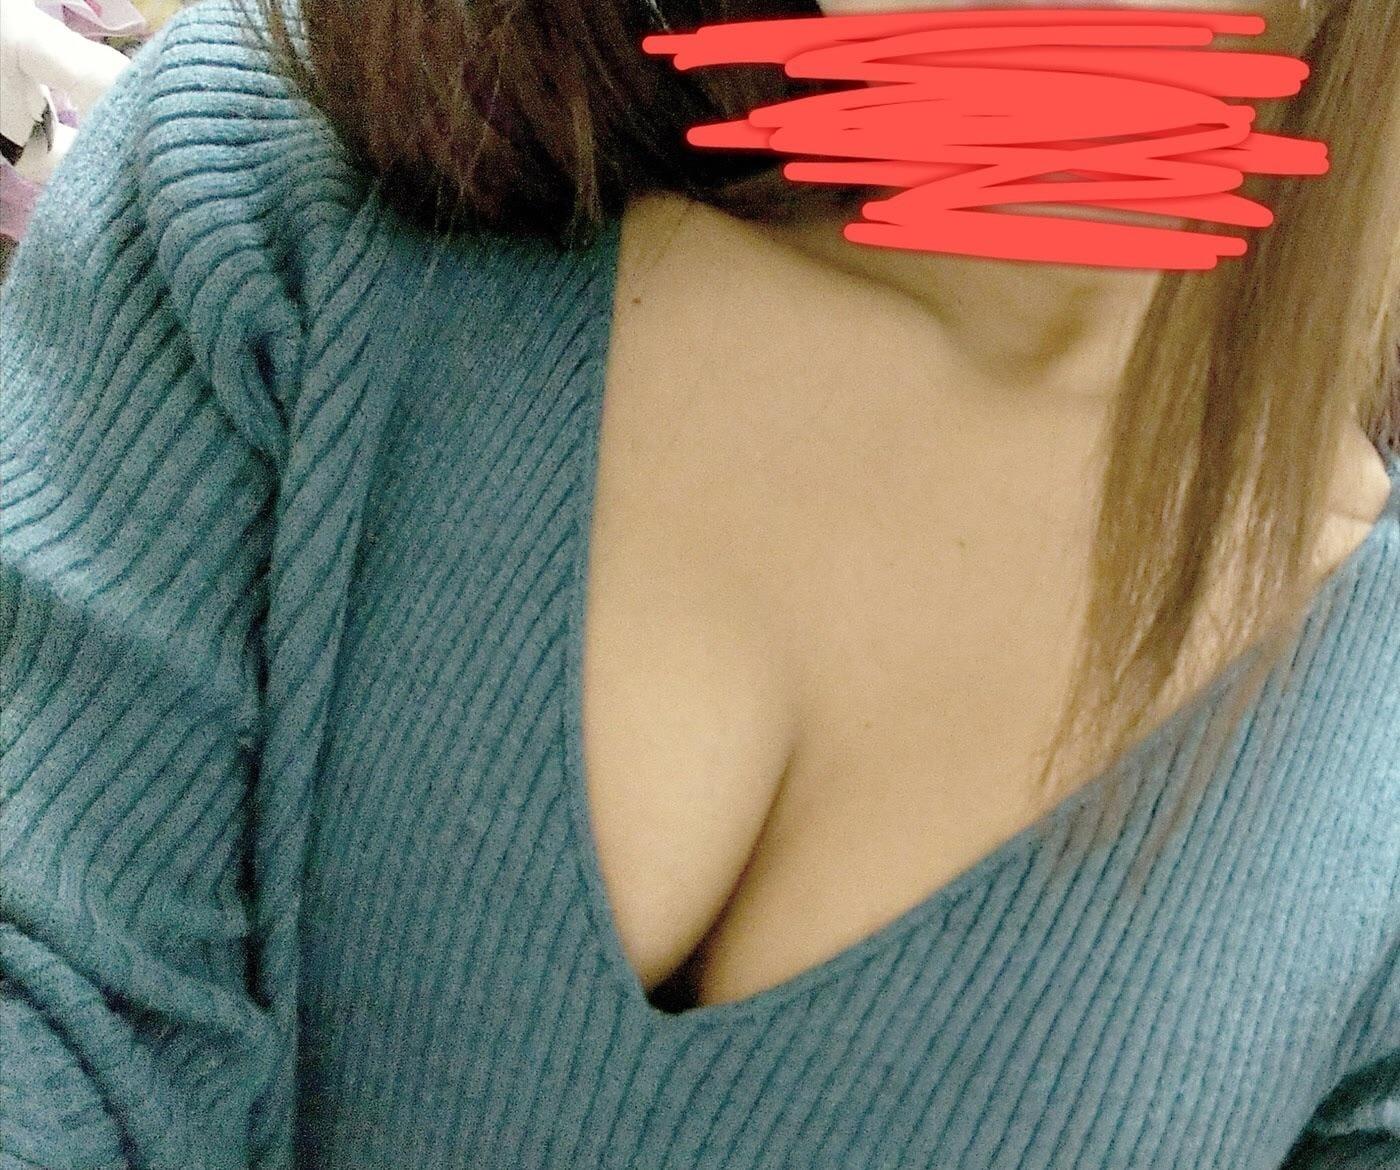 愛沢あんな ~ANNA~「おれい?」10/22(月) 21:29   愛沢あんな ~ANNA~の写メ・風俗動画